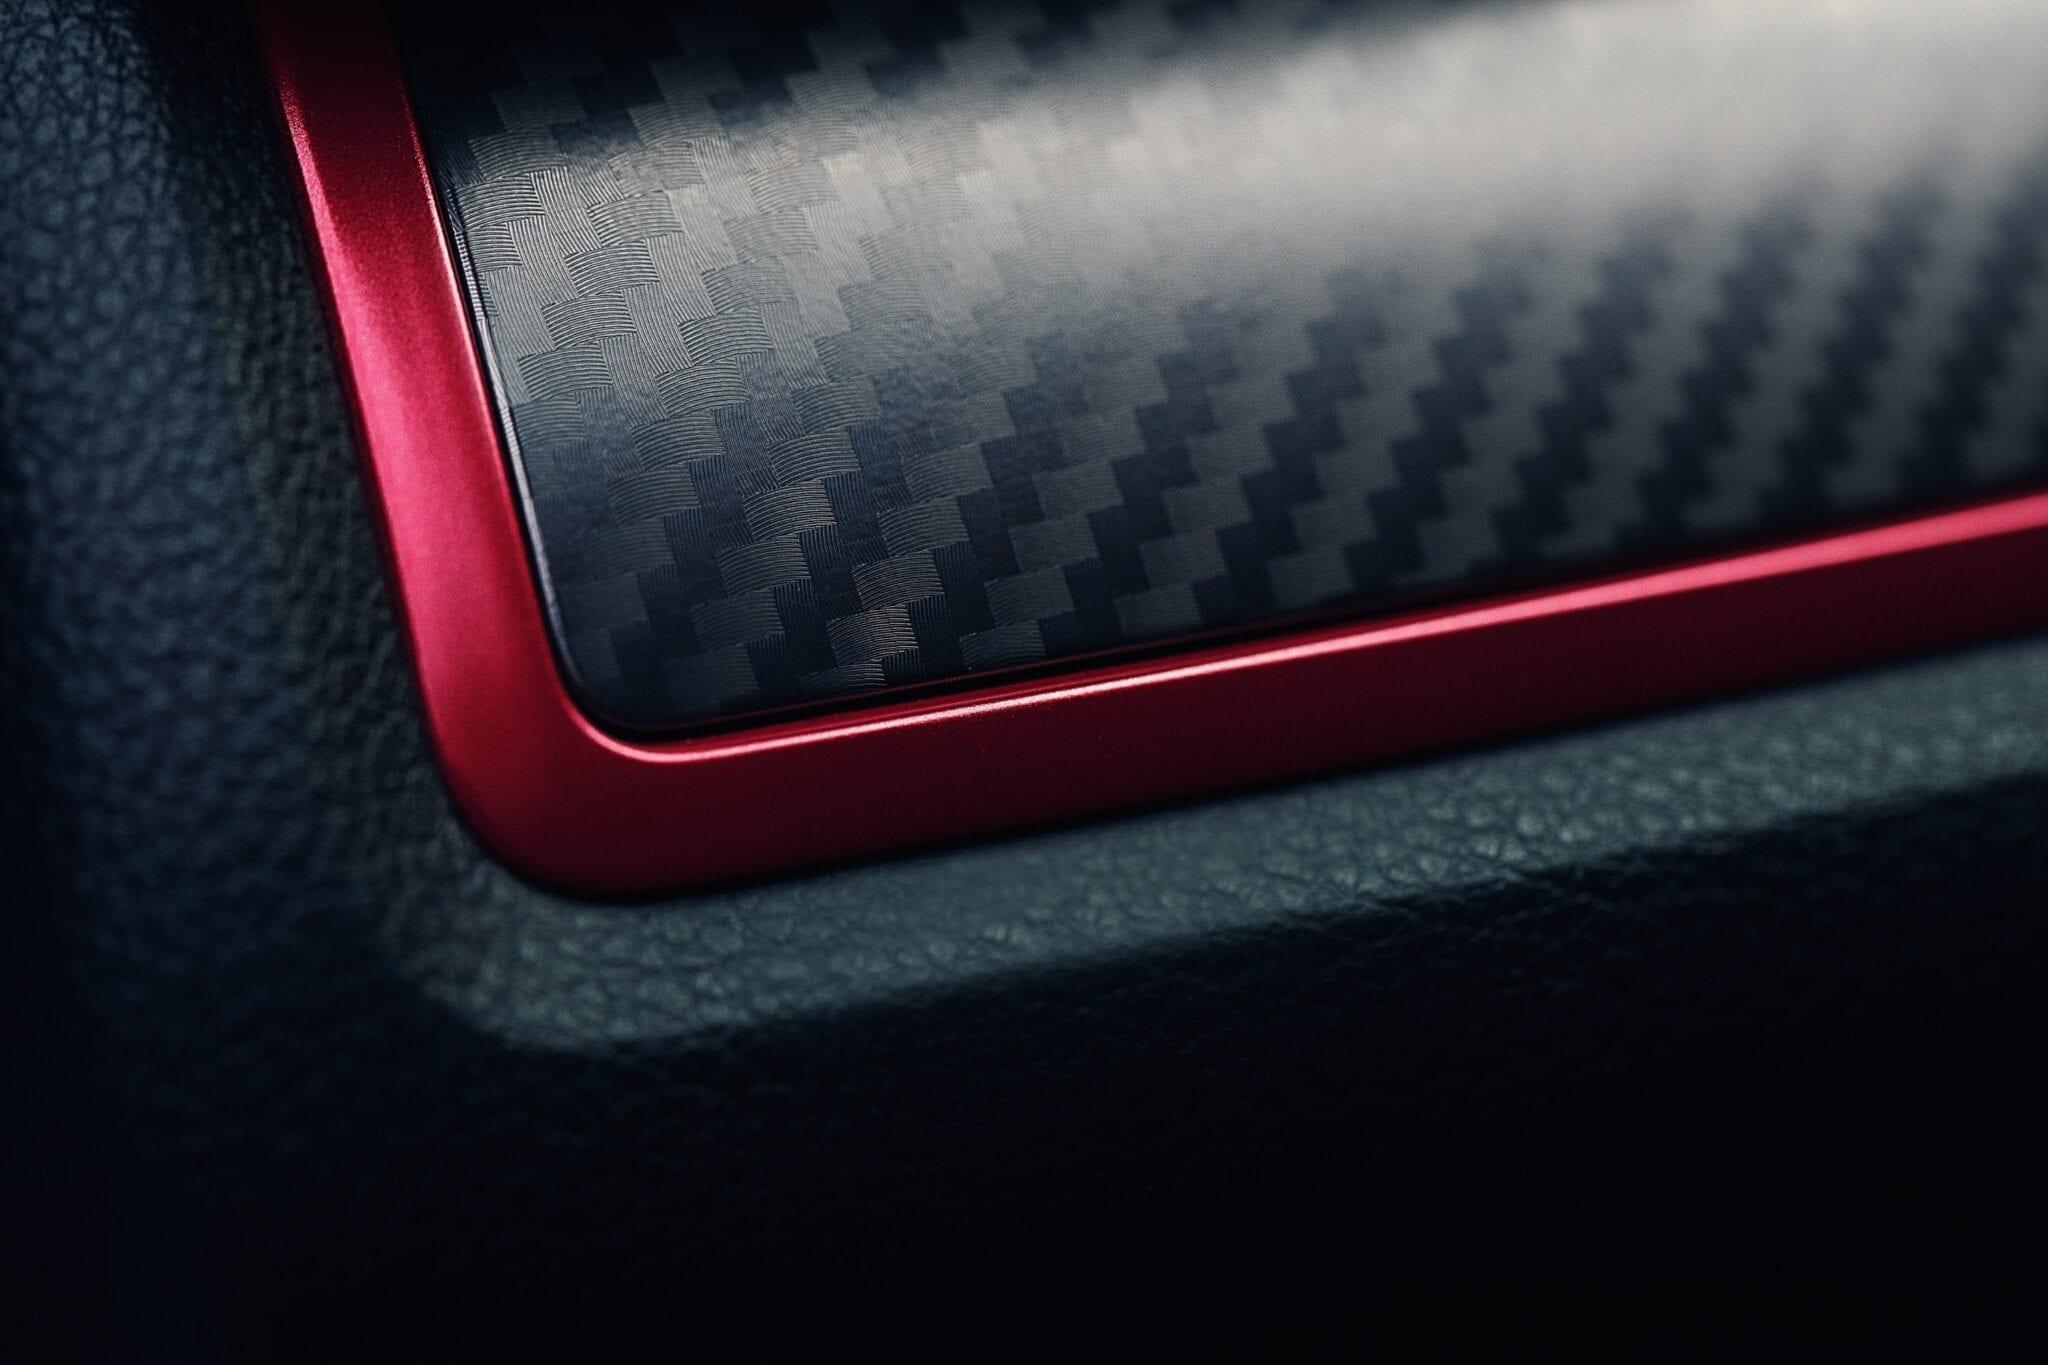 Het dashboardpaneel bevat een middenelement van carbon en een dunne rode rand eromheen – exclusief voor de Type R.